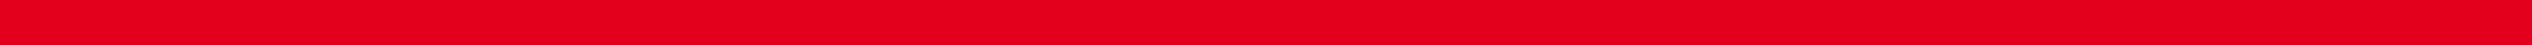 Red Divider Line